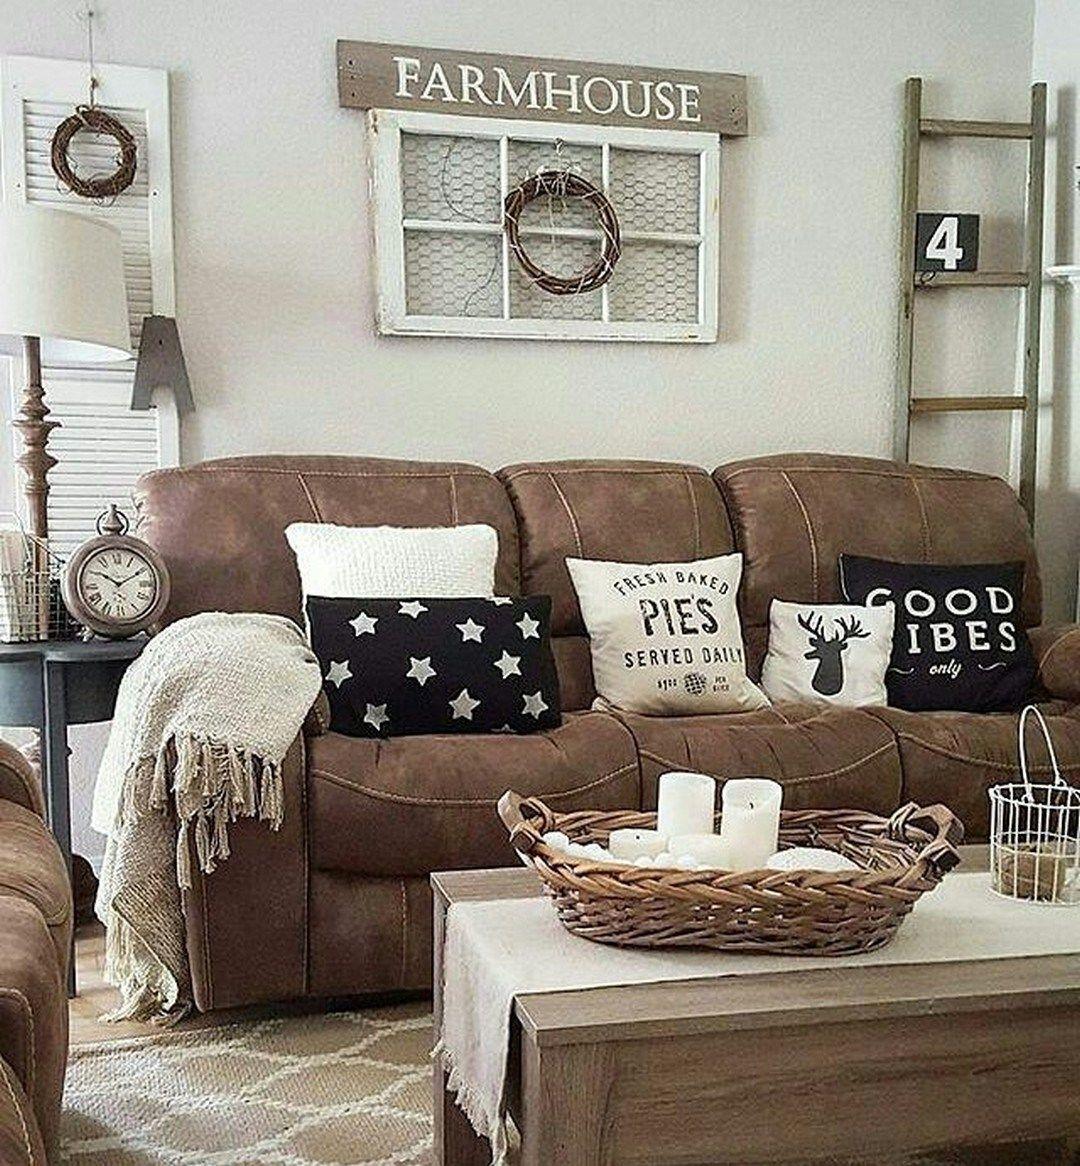 Farmhouse Style Decorating Ideas 99 More Incredible Photos (36)